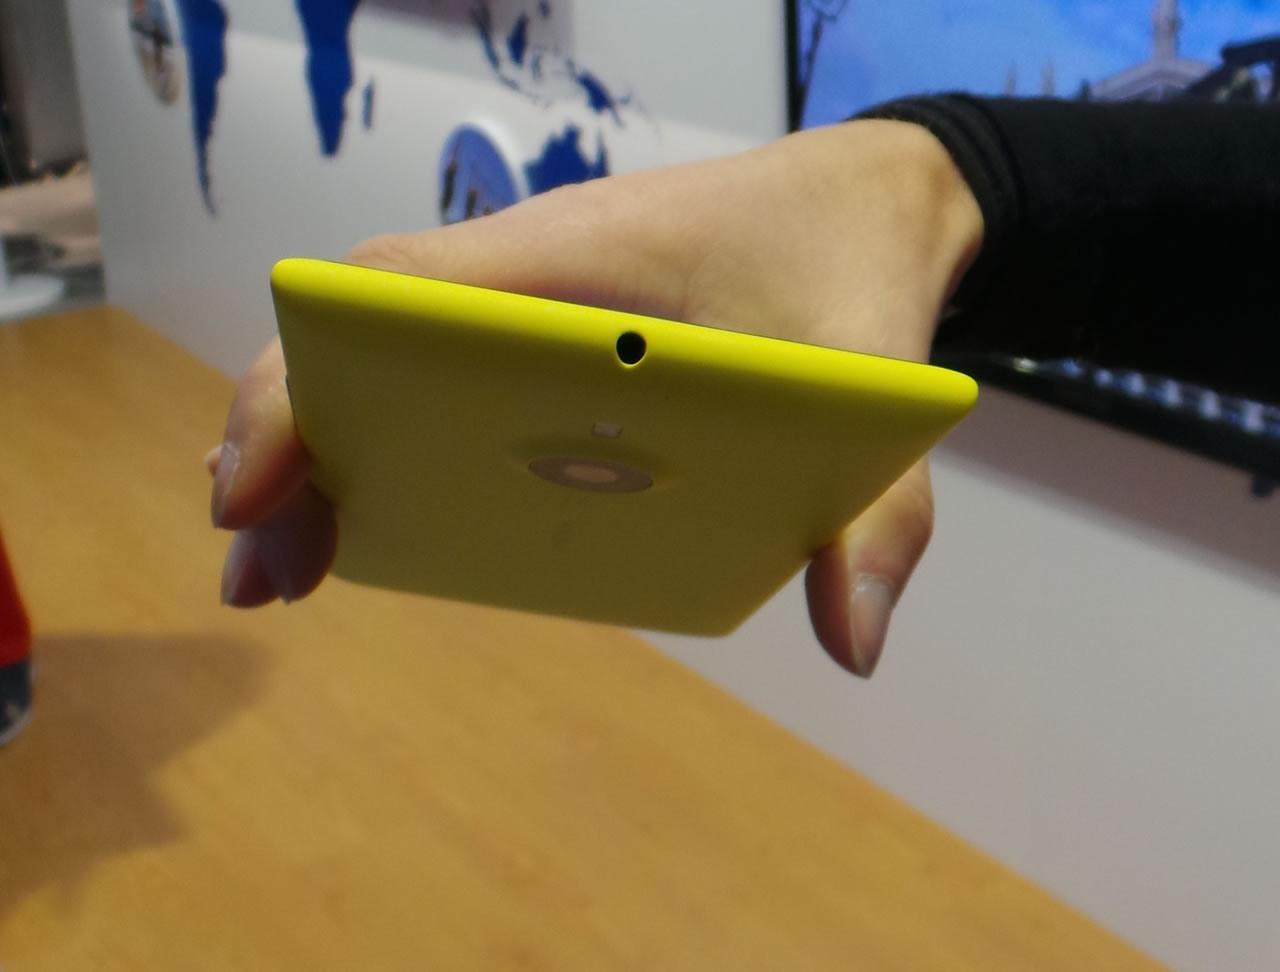 معرفی رسمی نوکیای 6 اینچی لومیا 1520 با دوربین 20 مگاپیکسلی/ تصویر اولین تبلت نوکیا 2520